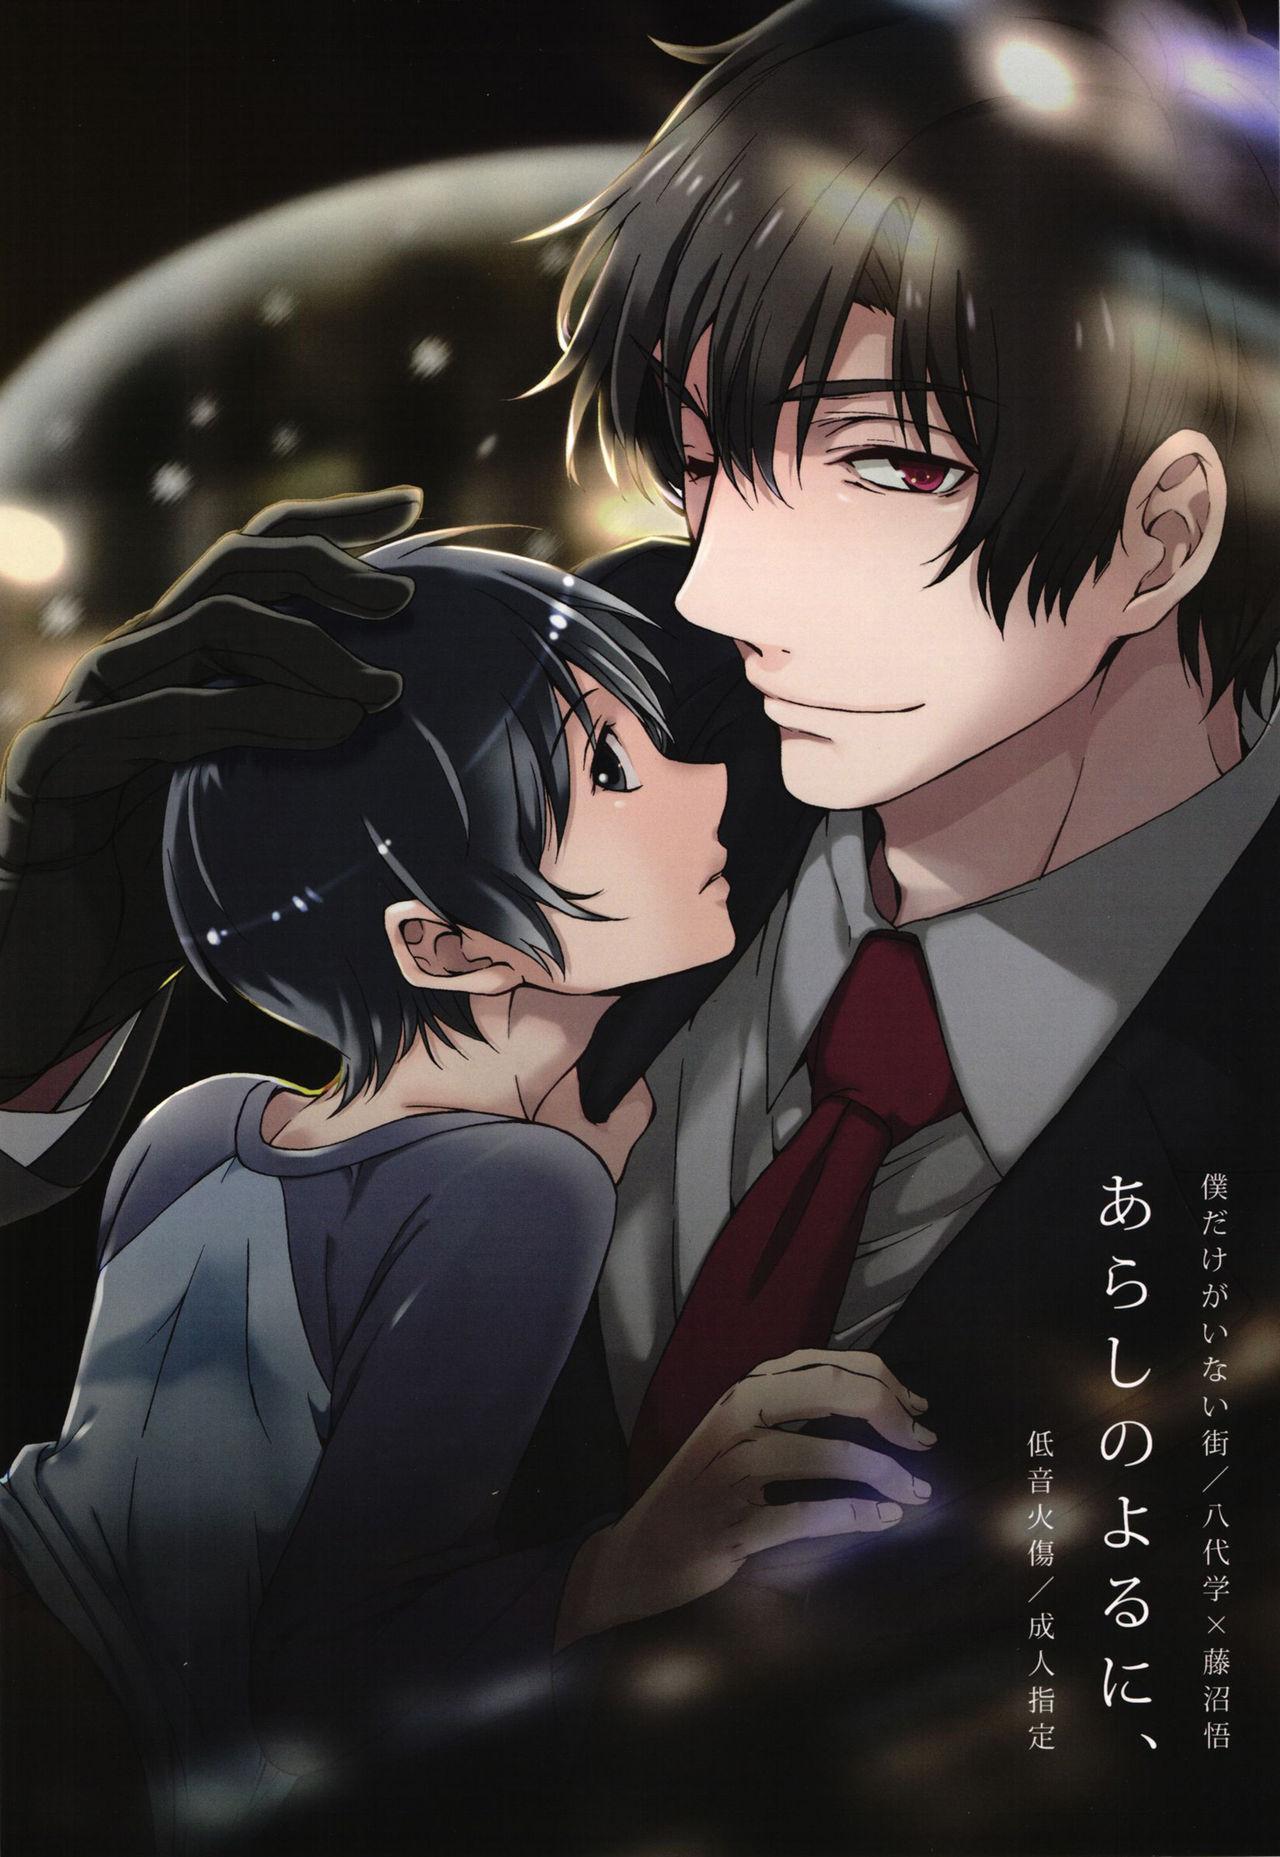 Arashi no Yoru ni, 26